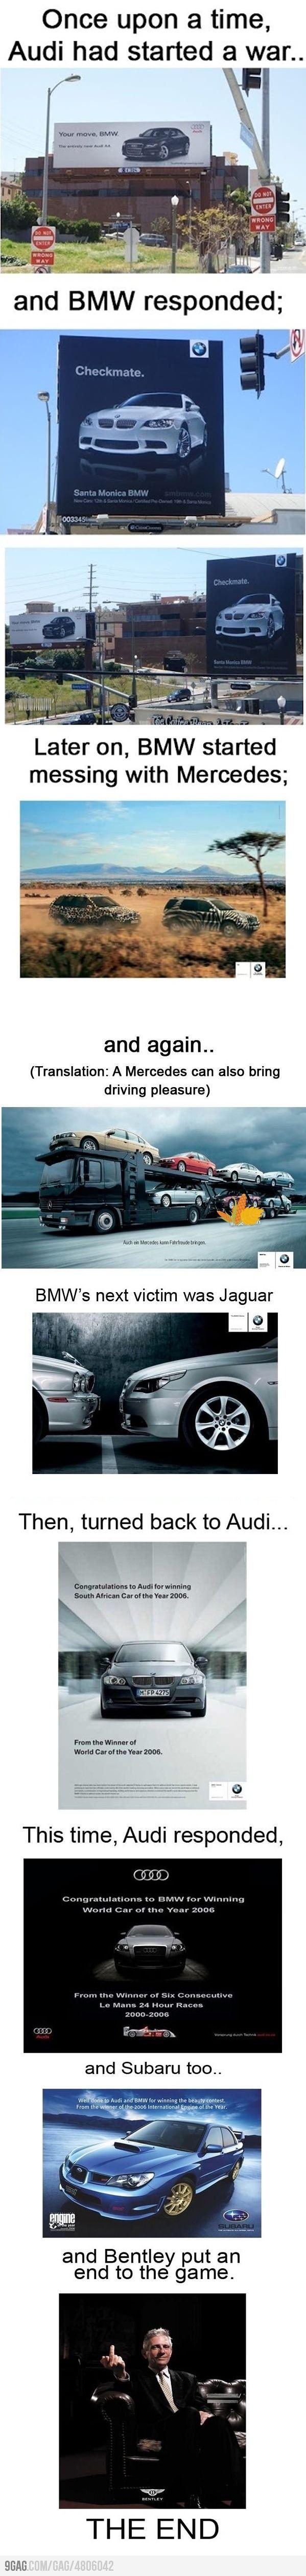 markaların reklam çekişmeleri, (jaguar-bmw ye bayıldım)